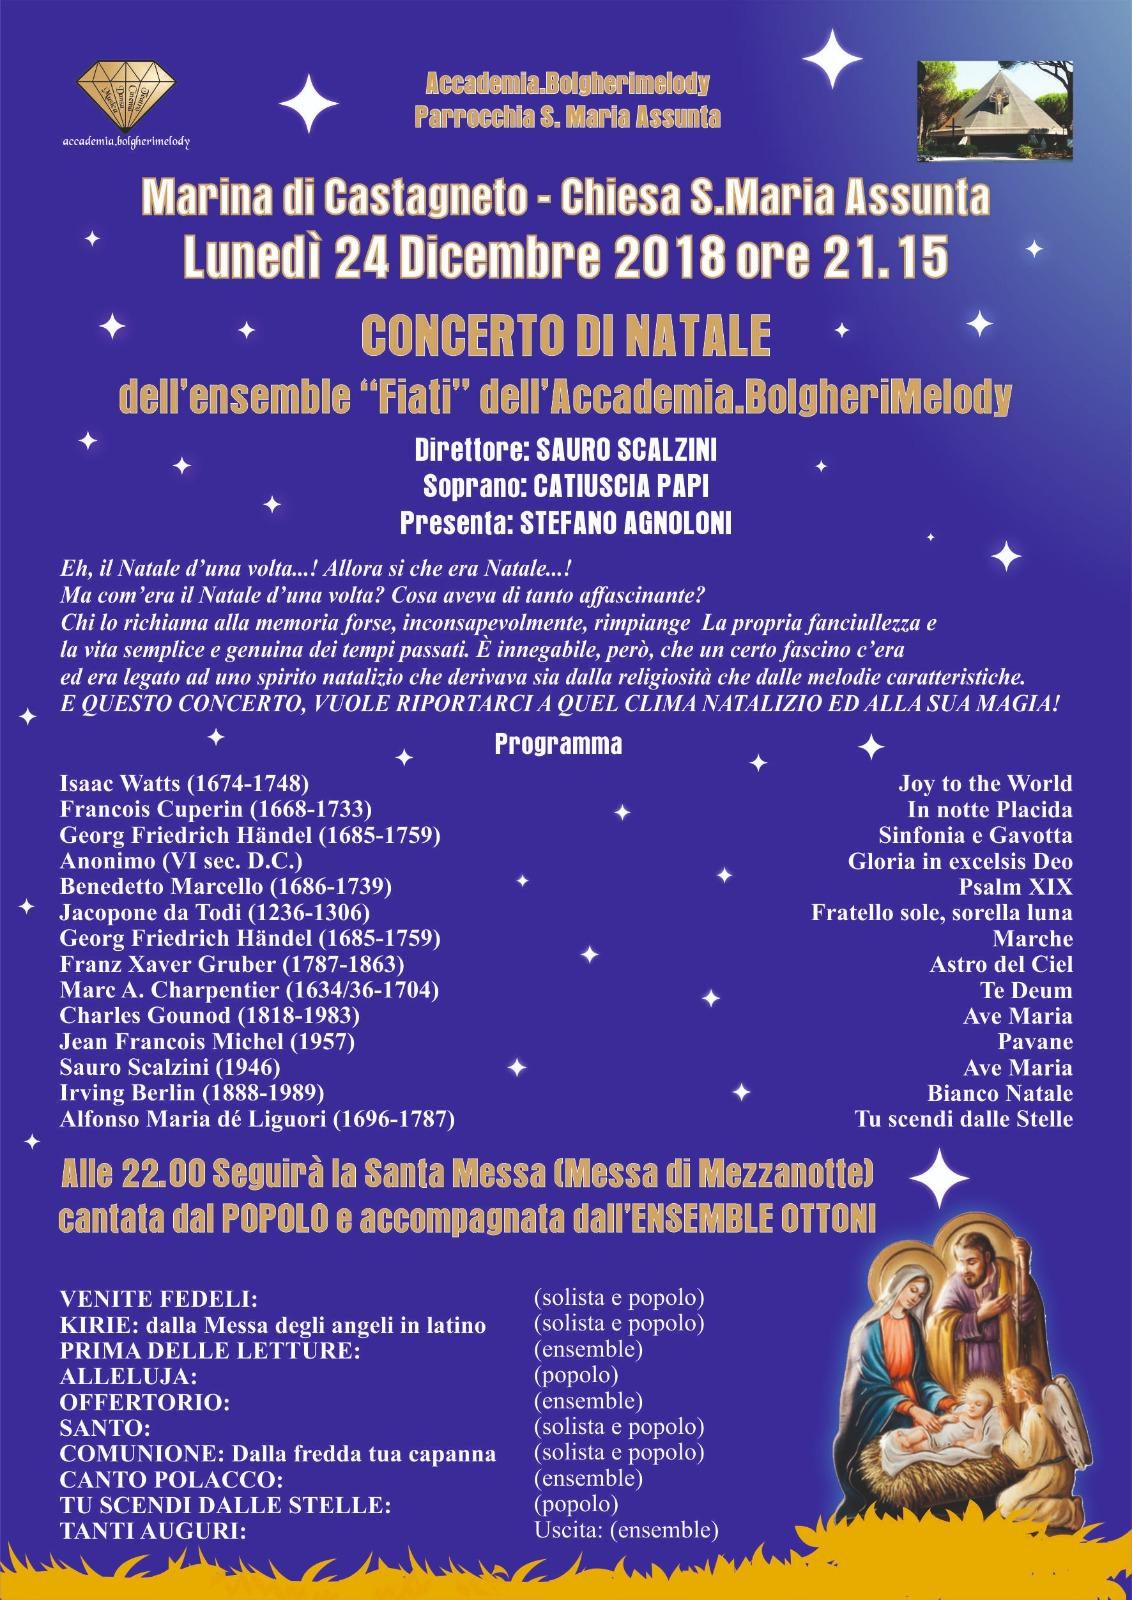 Concerto di Natale - Marina 2018